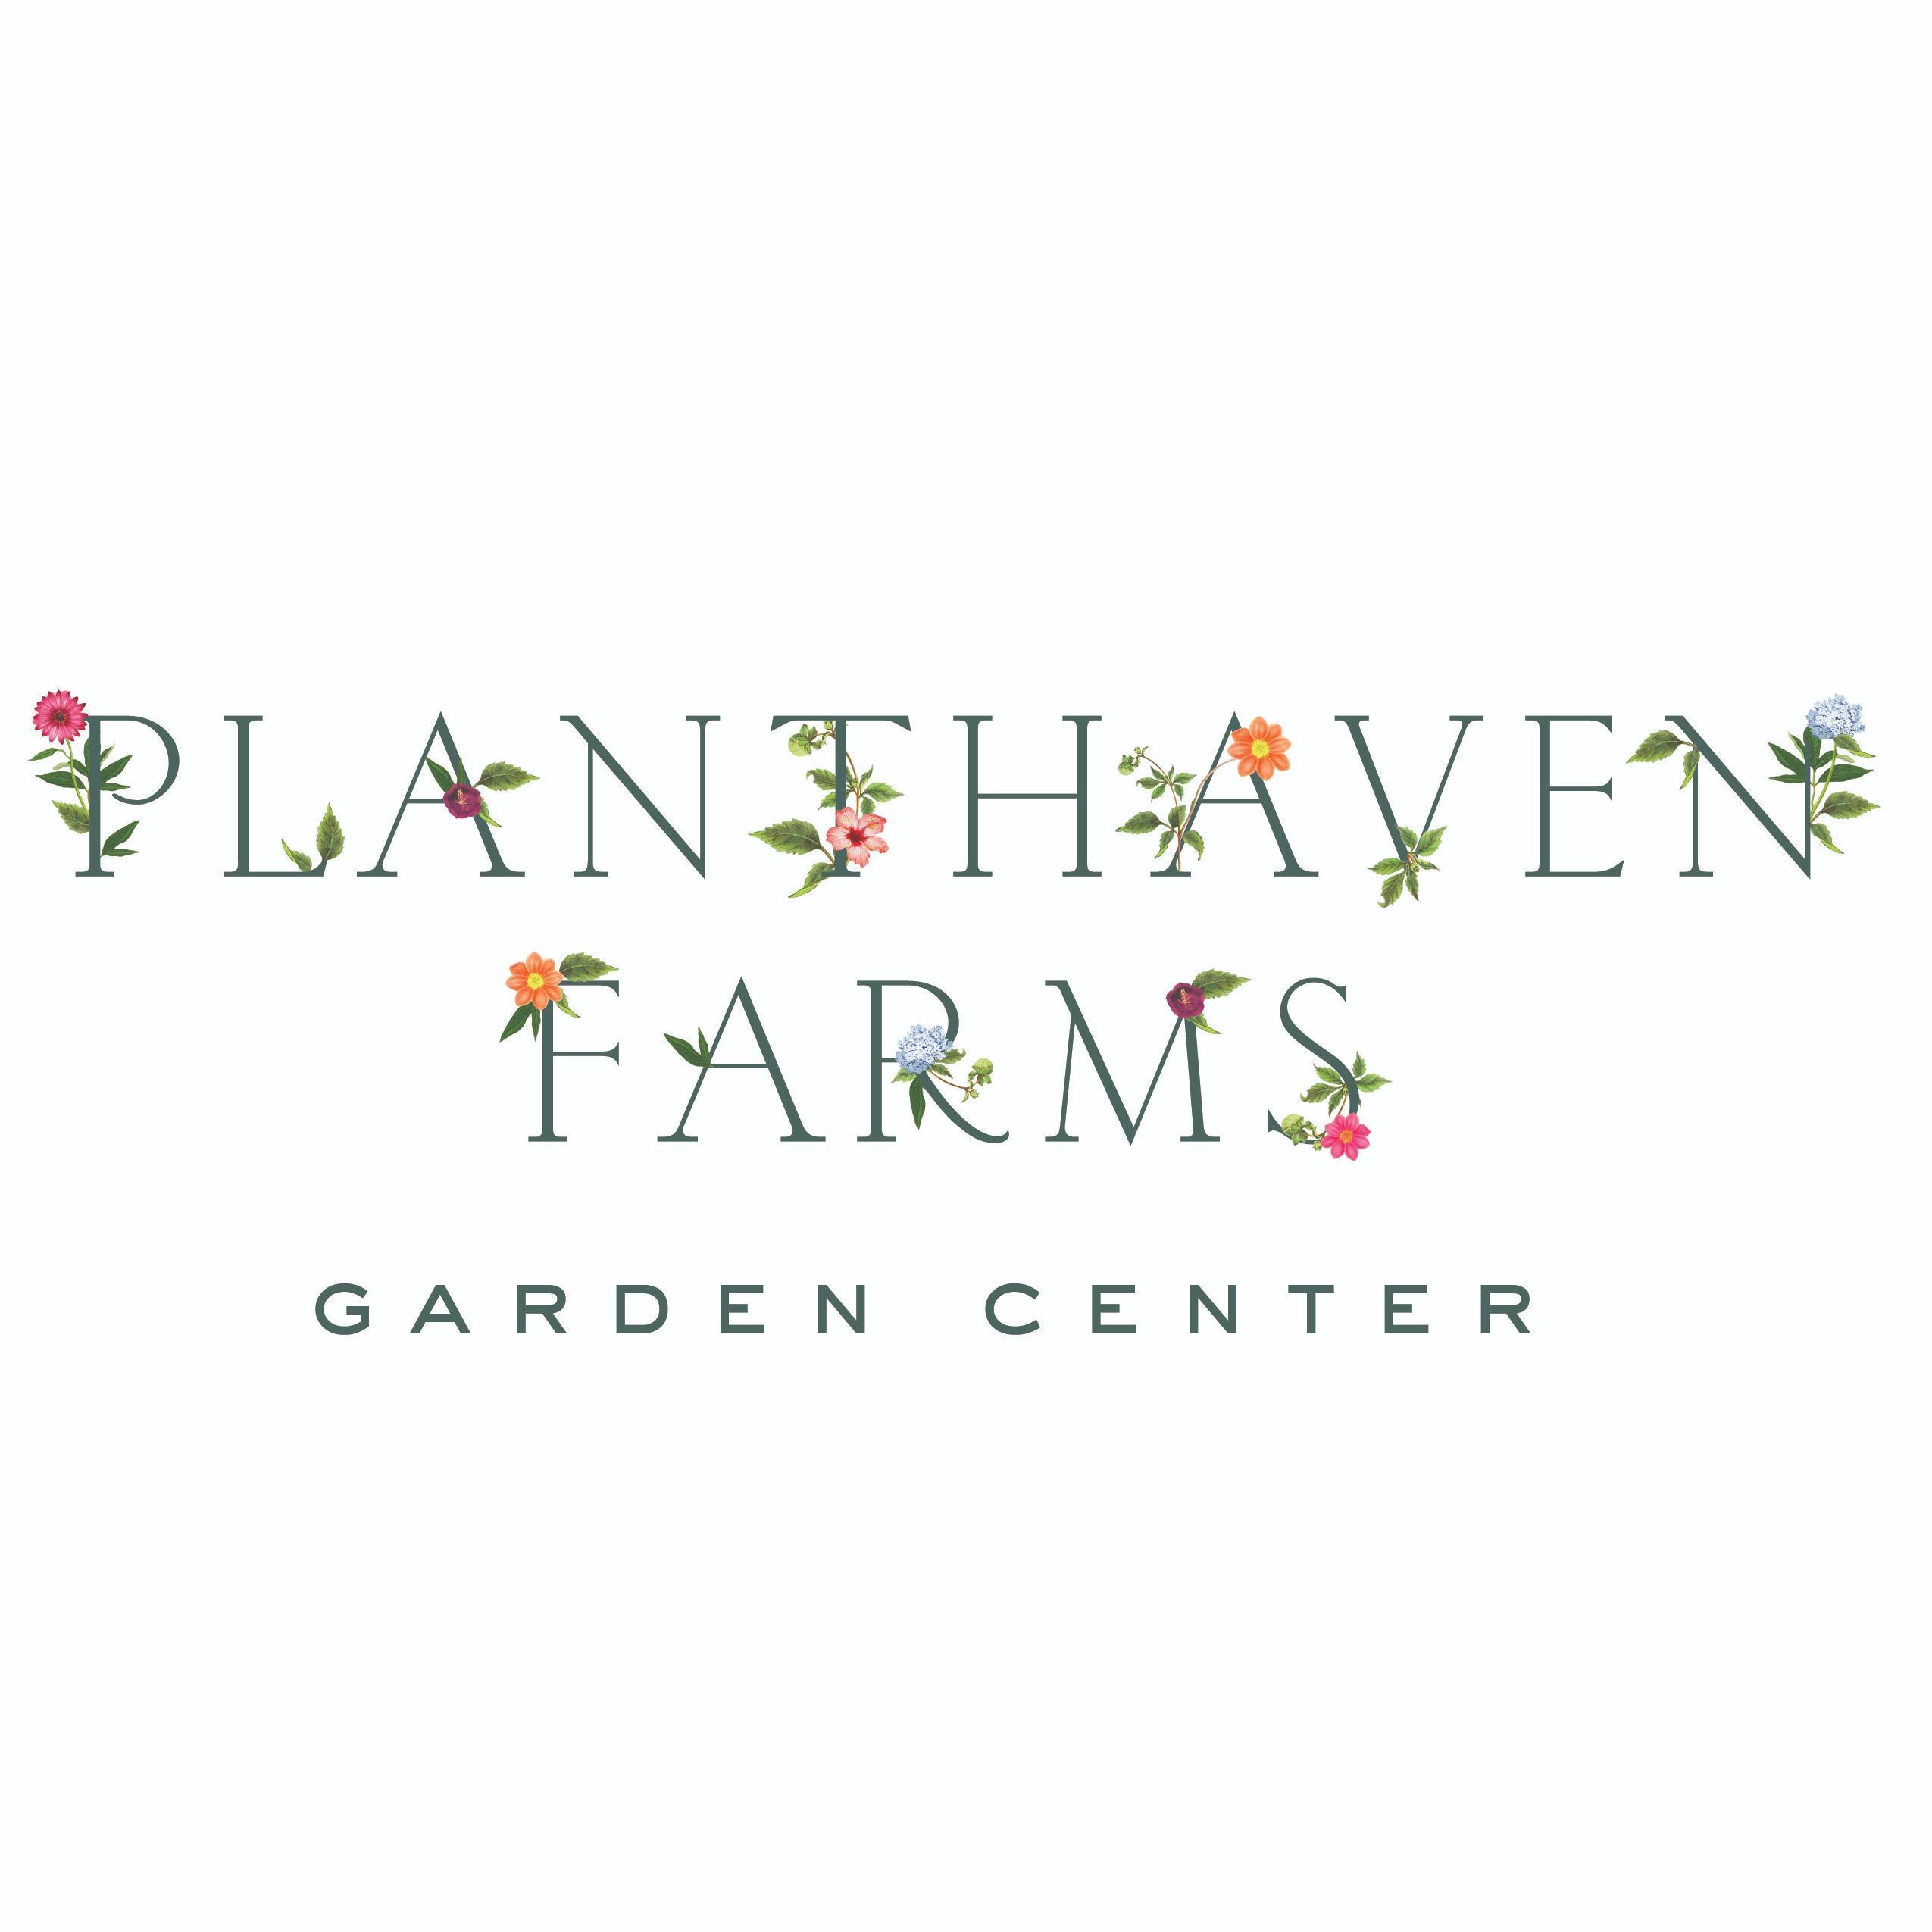 Planthaven Farms - O'Fallon - O'Fallon, MO - Garden Centers